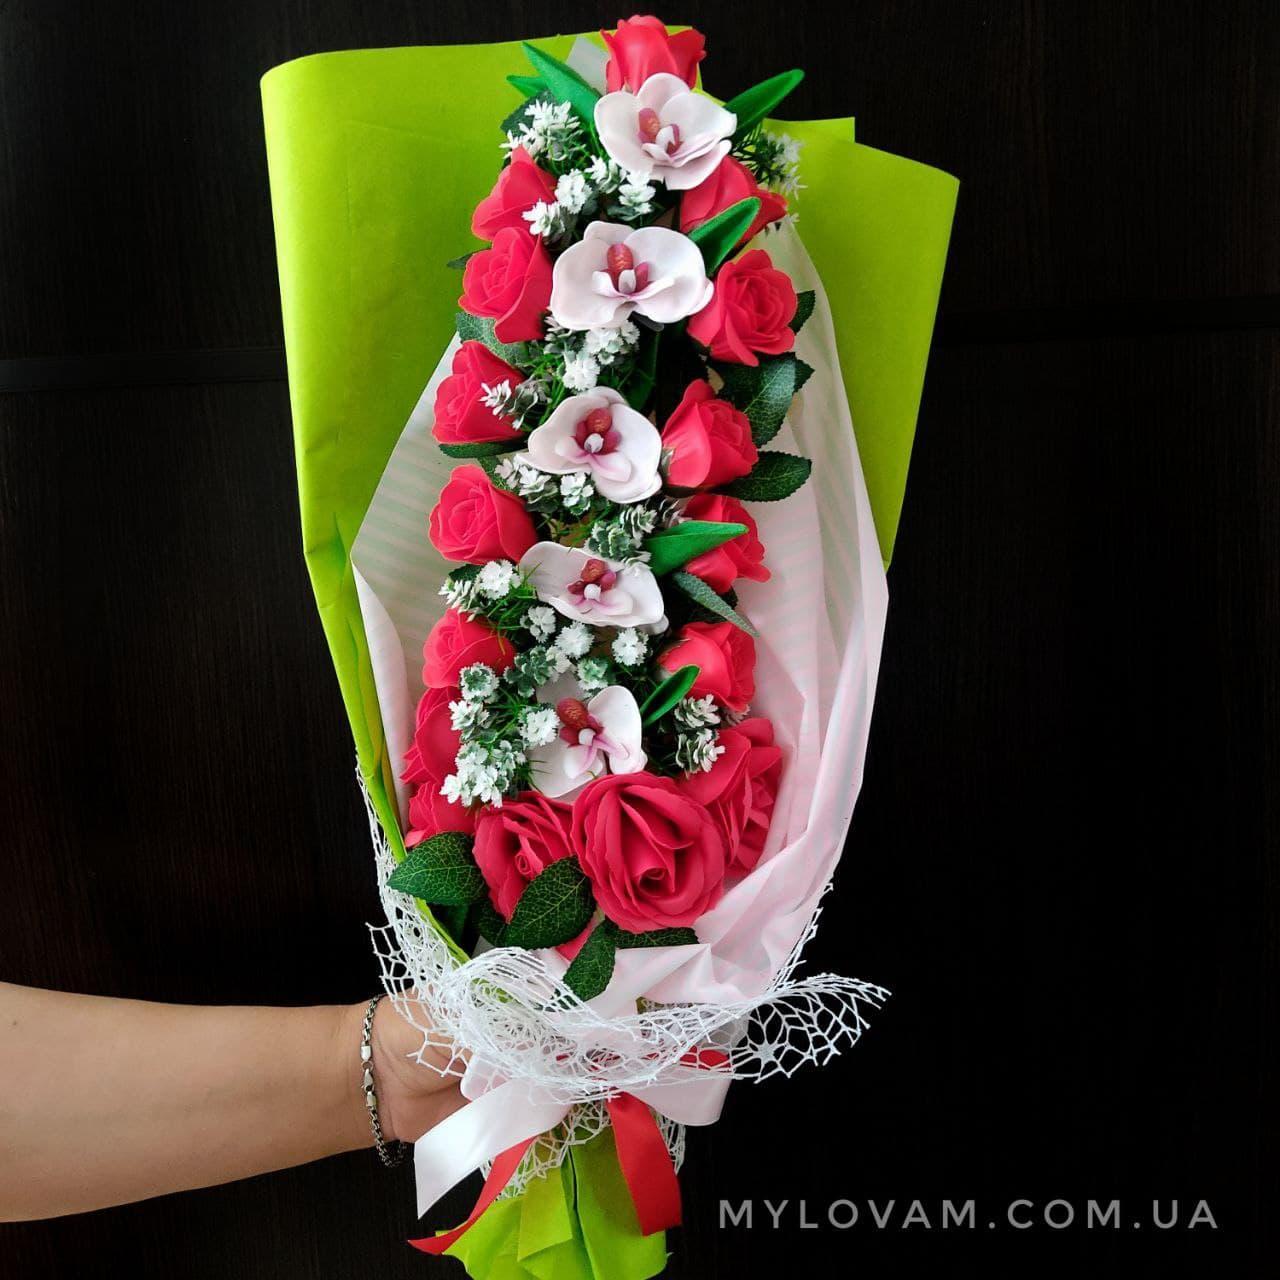 Мильний букет з орхідей і троянд, мильна кошик, мильні квіти, мильний букет